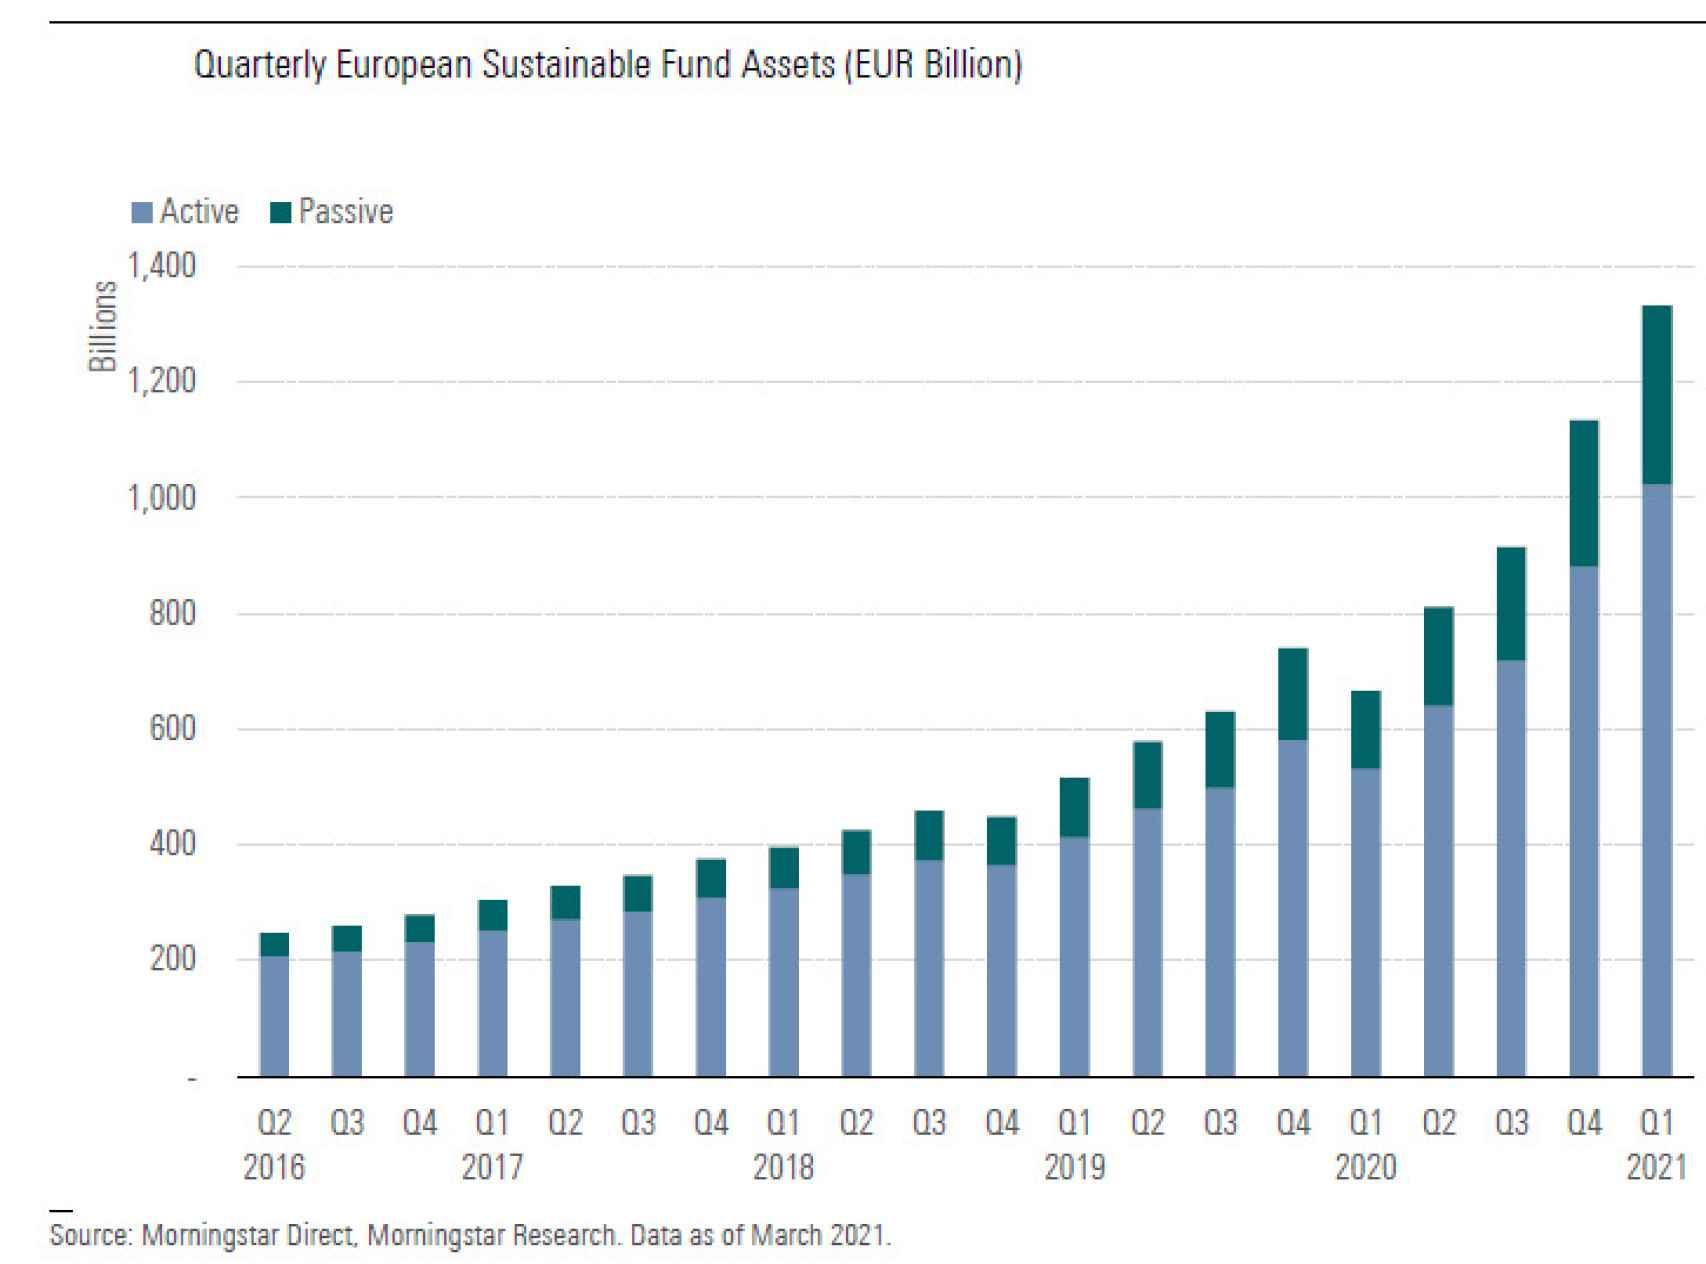 Patrimonio de los fondos sostenibles en Europa.